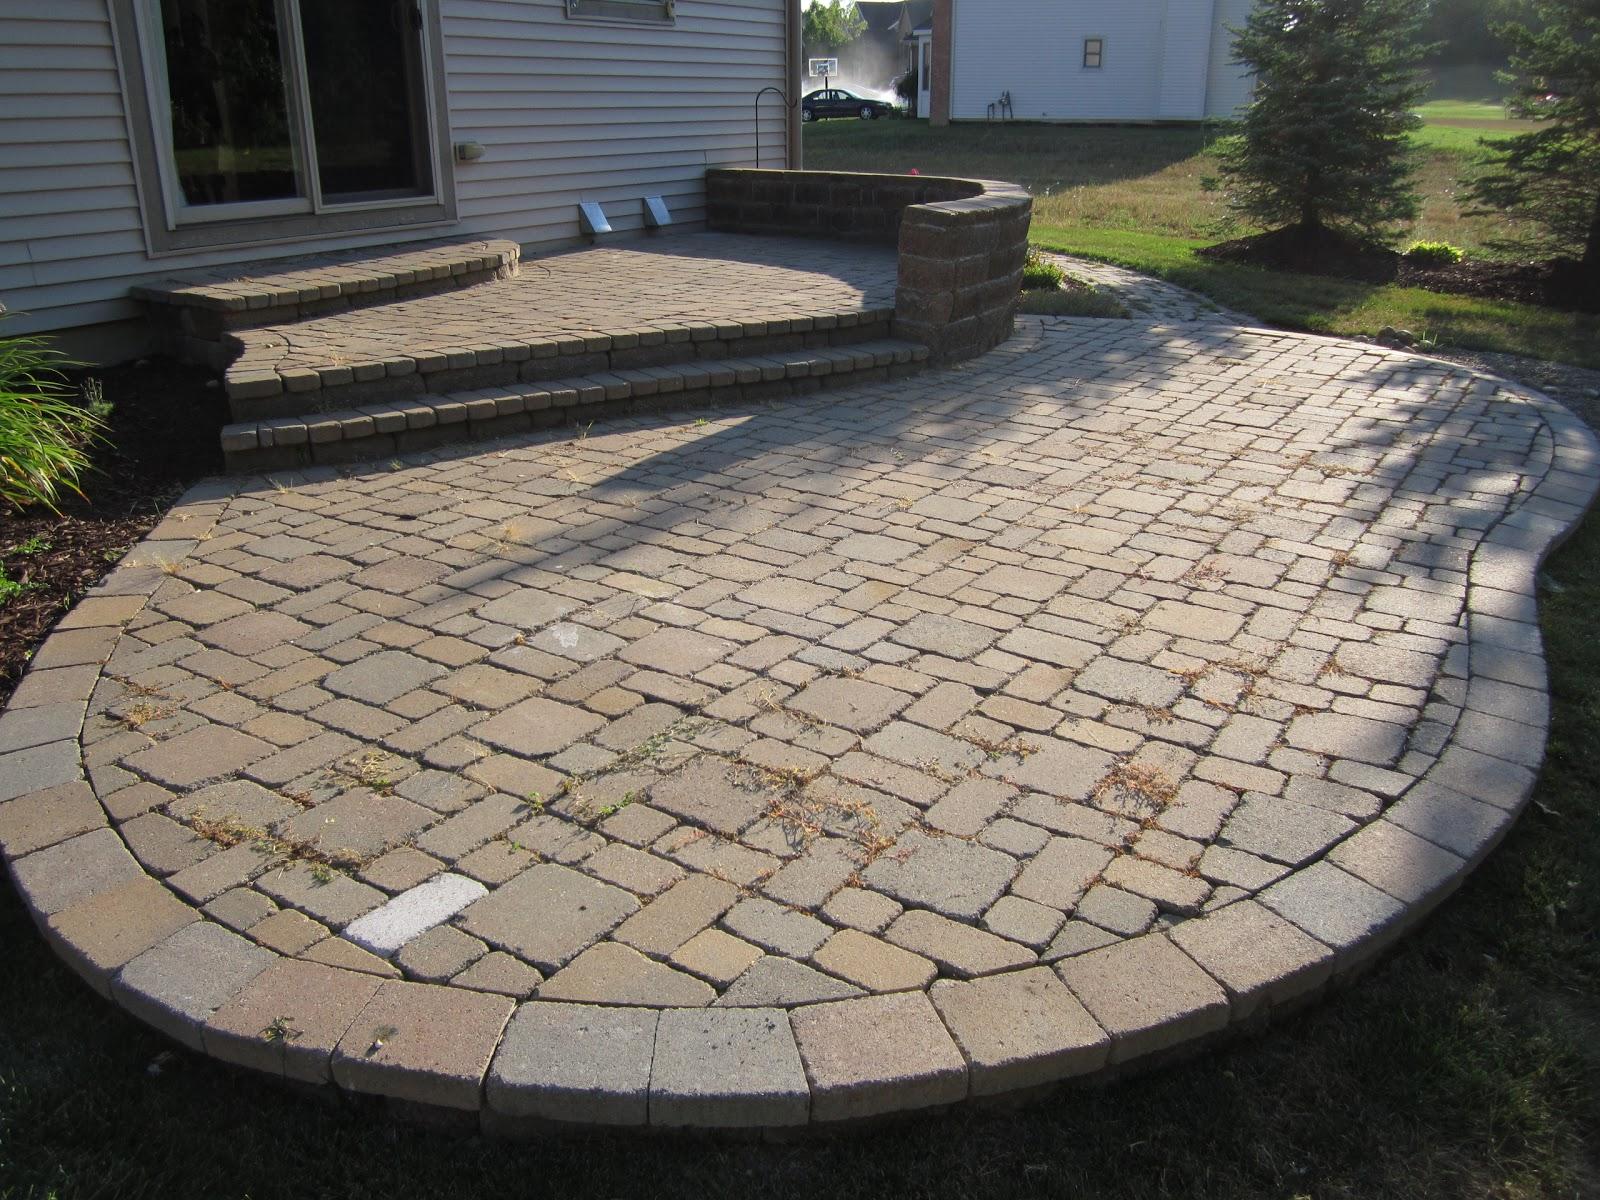 Brick Pavers,Canton,Ann Arbor,Plymouth,Patio,Patios,Repair ... on Brick Paver Patio Designs  id=59092